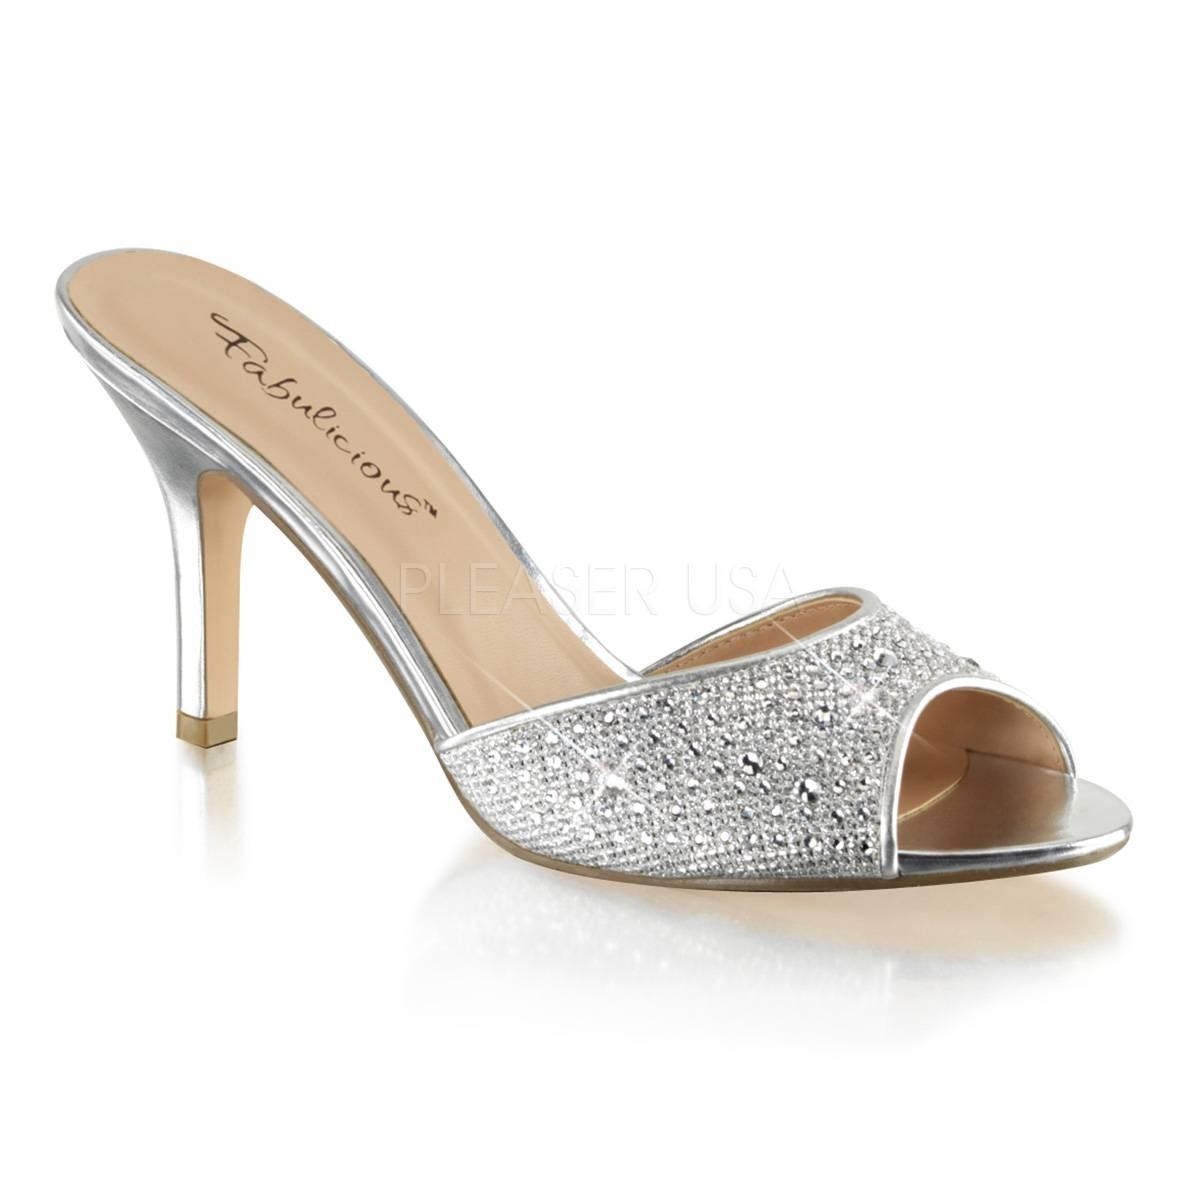 Sandalen - LUCY 01 ° Damen Sandalette ° Gold Matt ° Fabulicious  - Onlineshop RedSixty